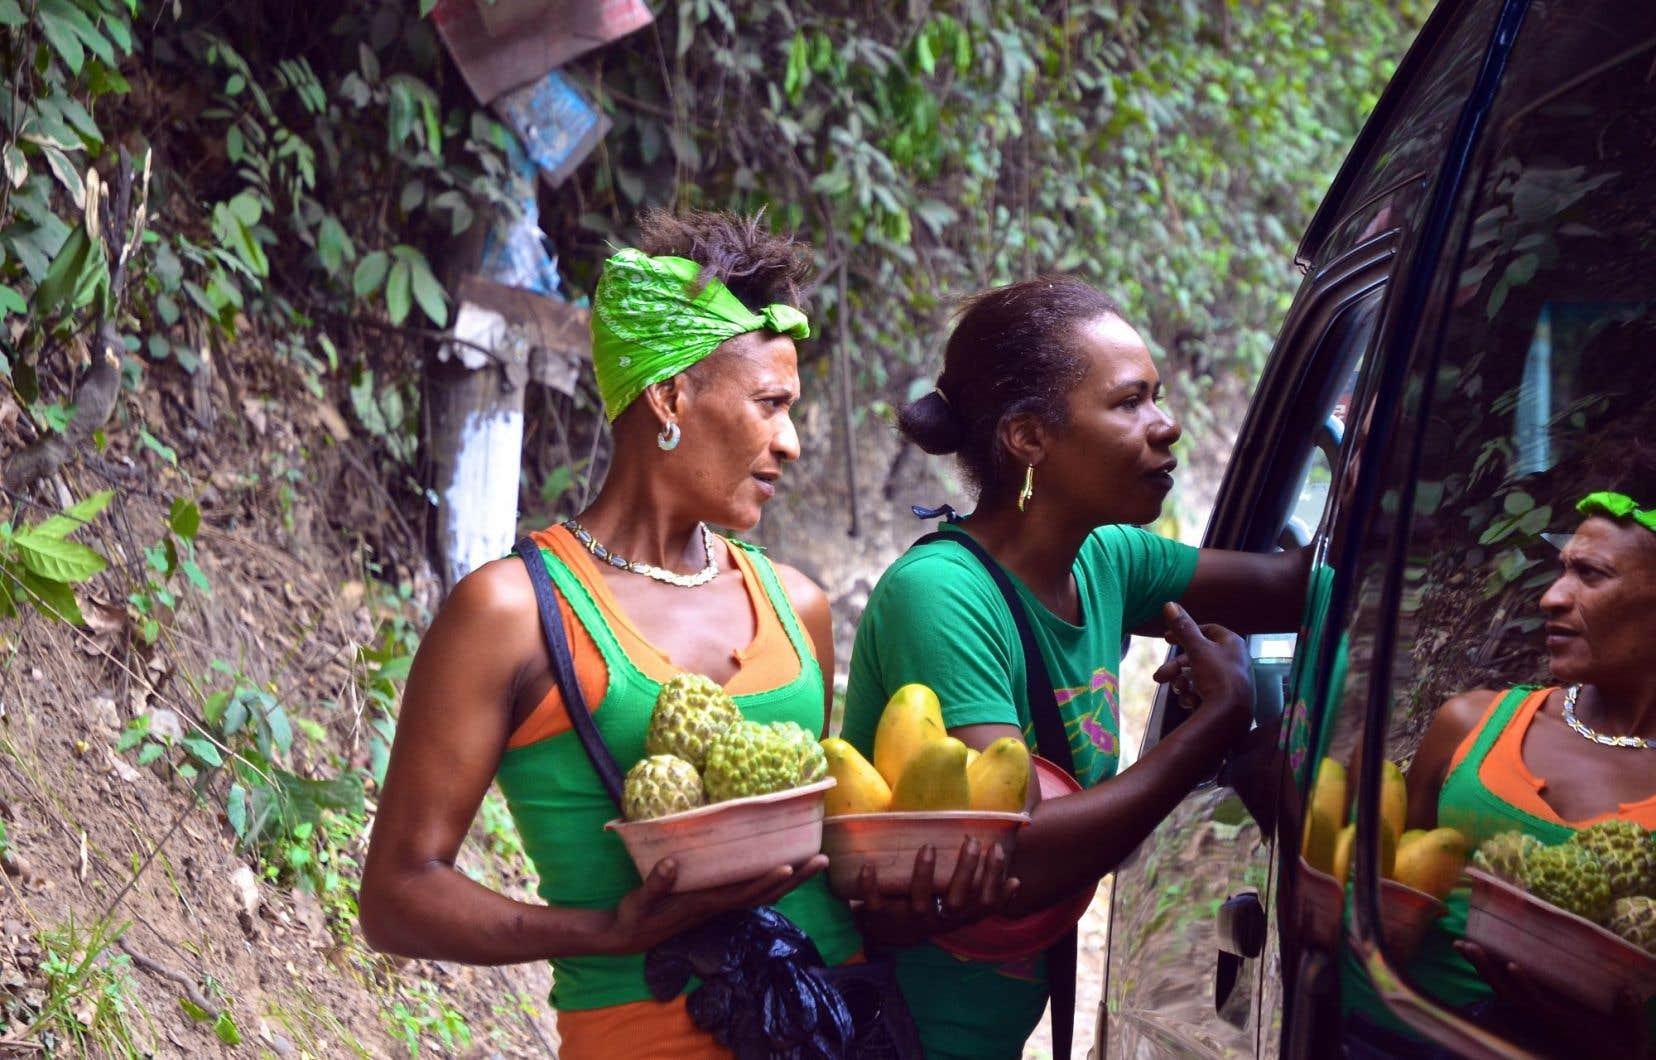 Il est courant de voir des vendeurs de fruits exotiques au bord des routes.